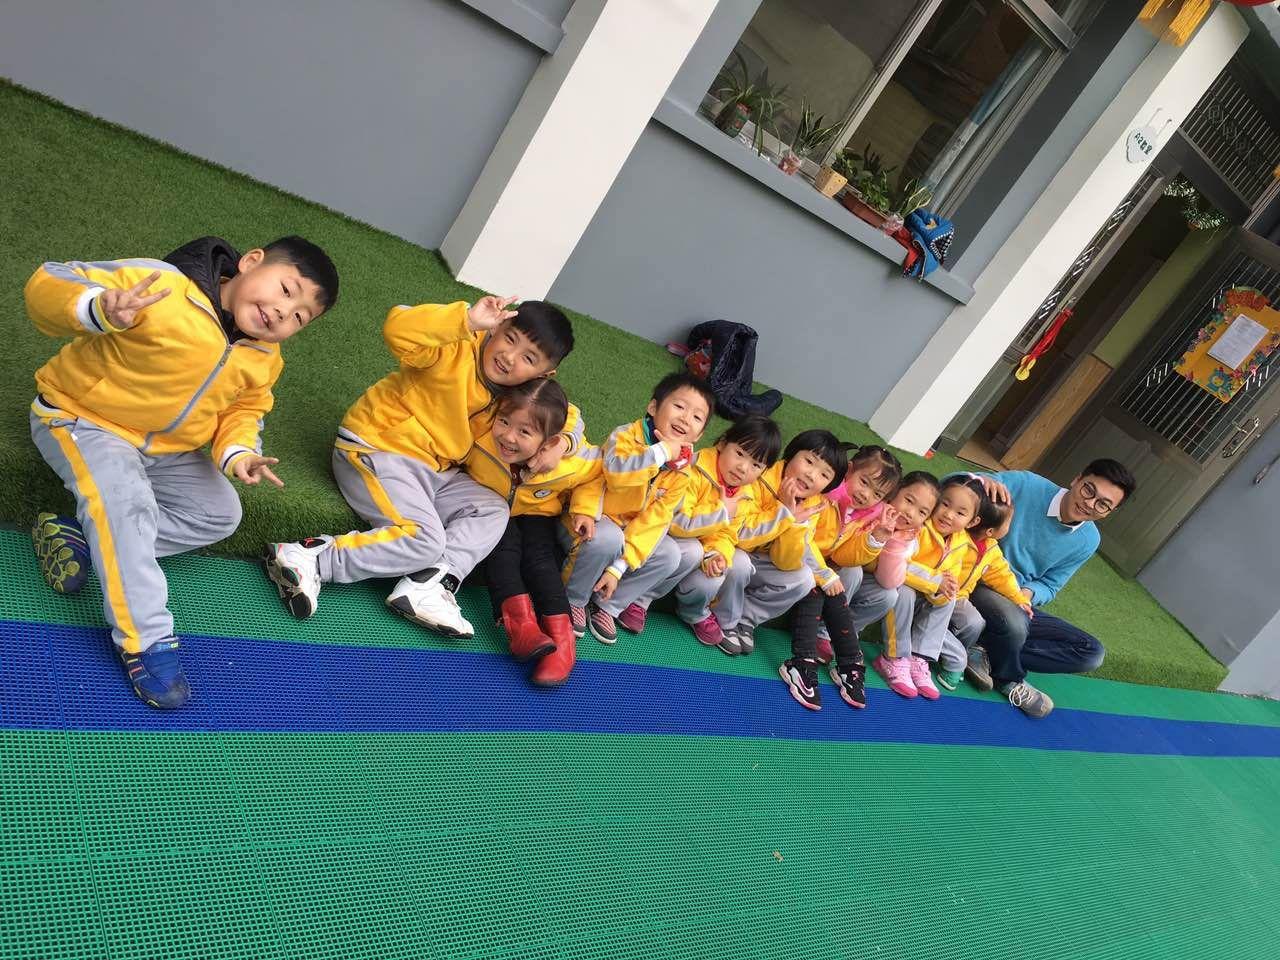 《快乐森林》--走进襄阳孔明灯幼儿园录制节目啦~